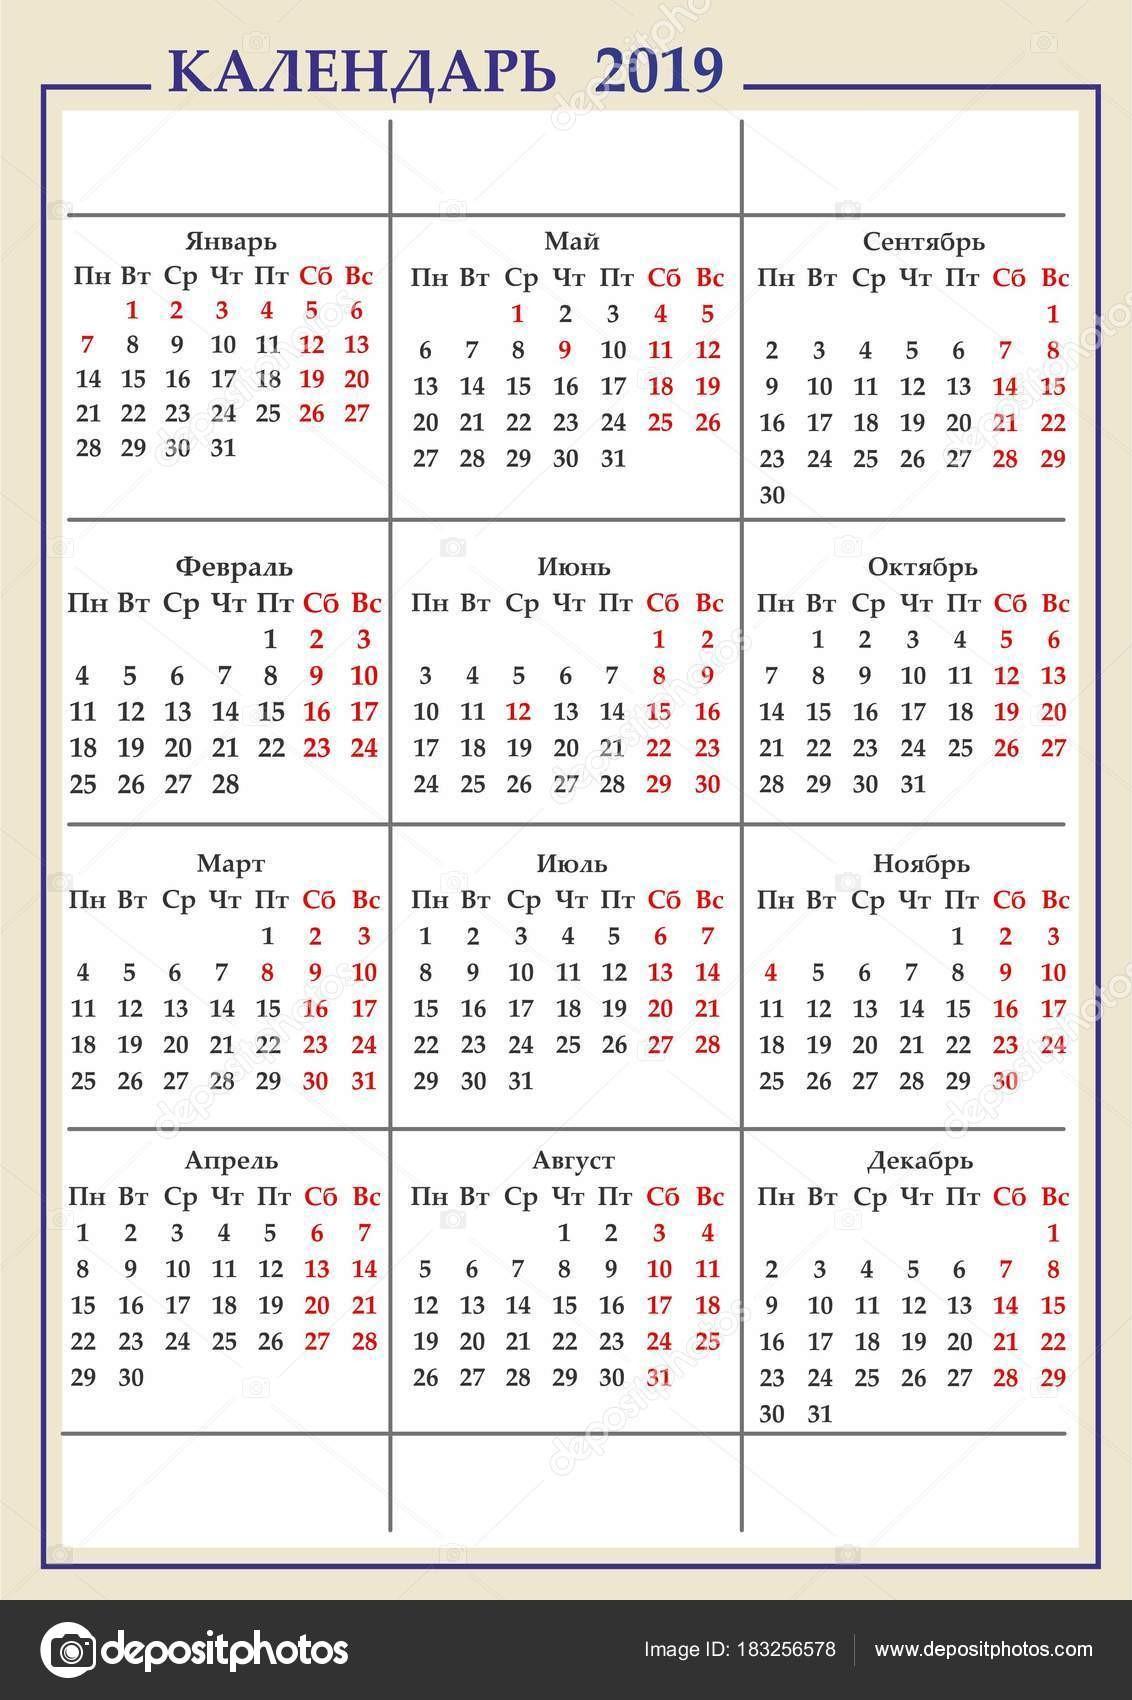 Calendario 2019 Imprimir Fofos Más Recientemente Liberado Fotos Calendarios 2016 Para Imprimir Con Of Calendario 2019 Imprimir Fofos Más Recientemente Liberado Calendário 2019 C Im£ Ursinho Marinheiro No Elo7